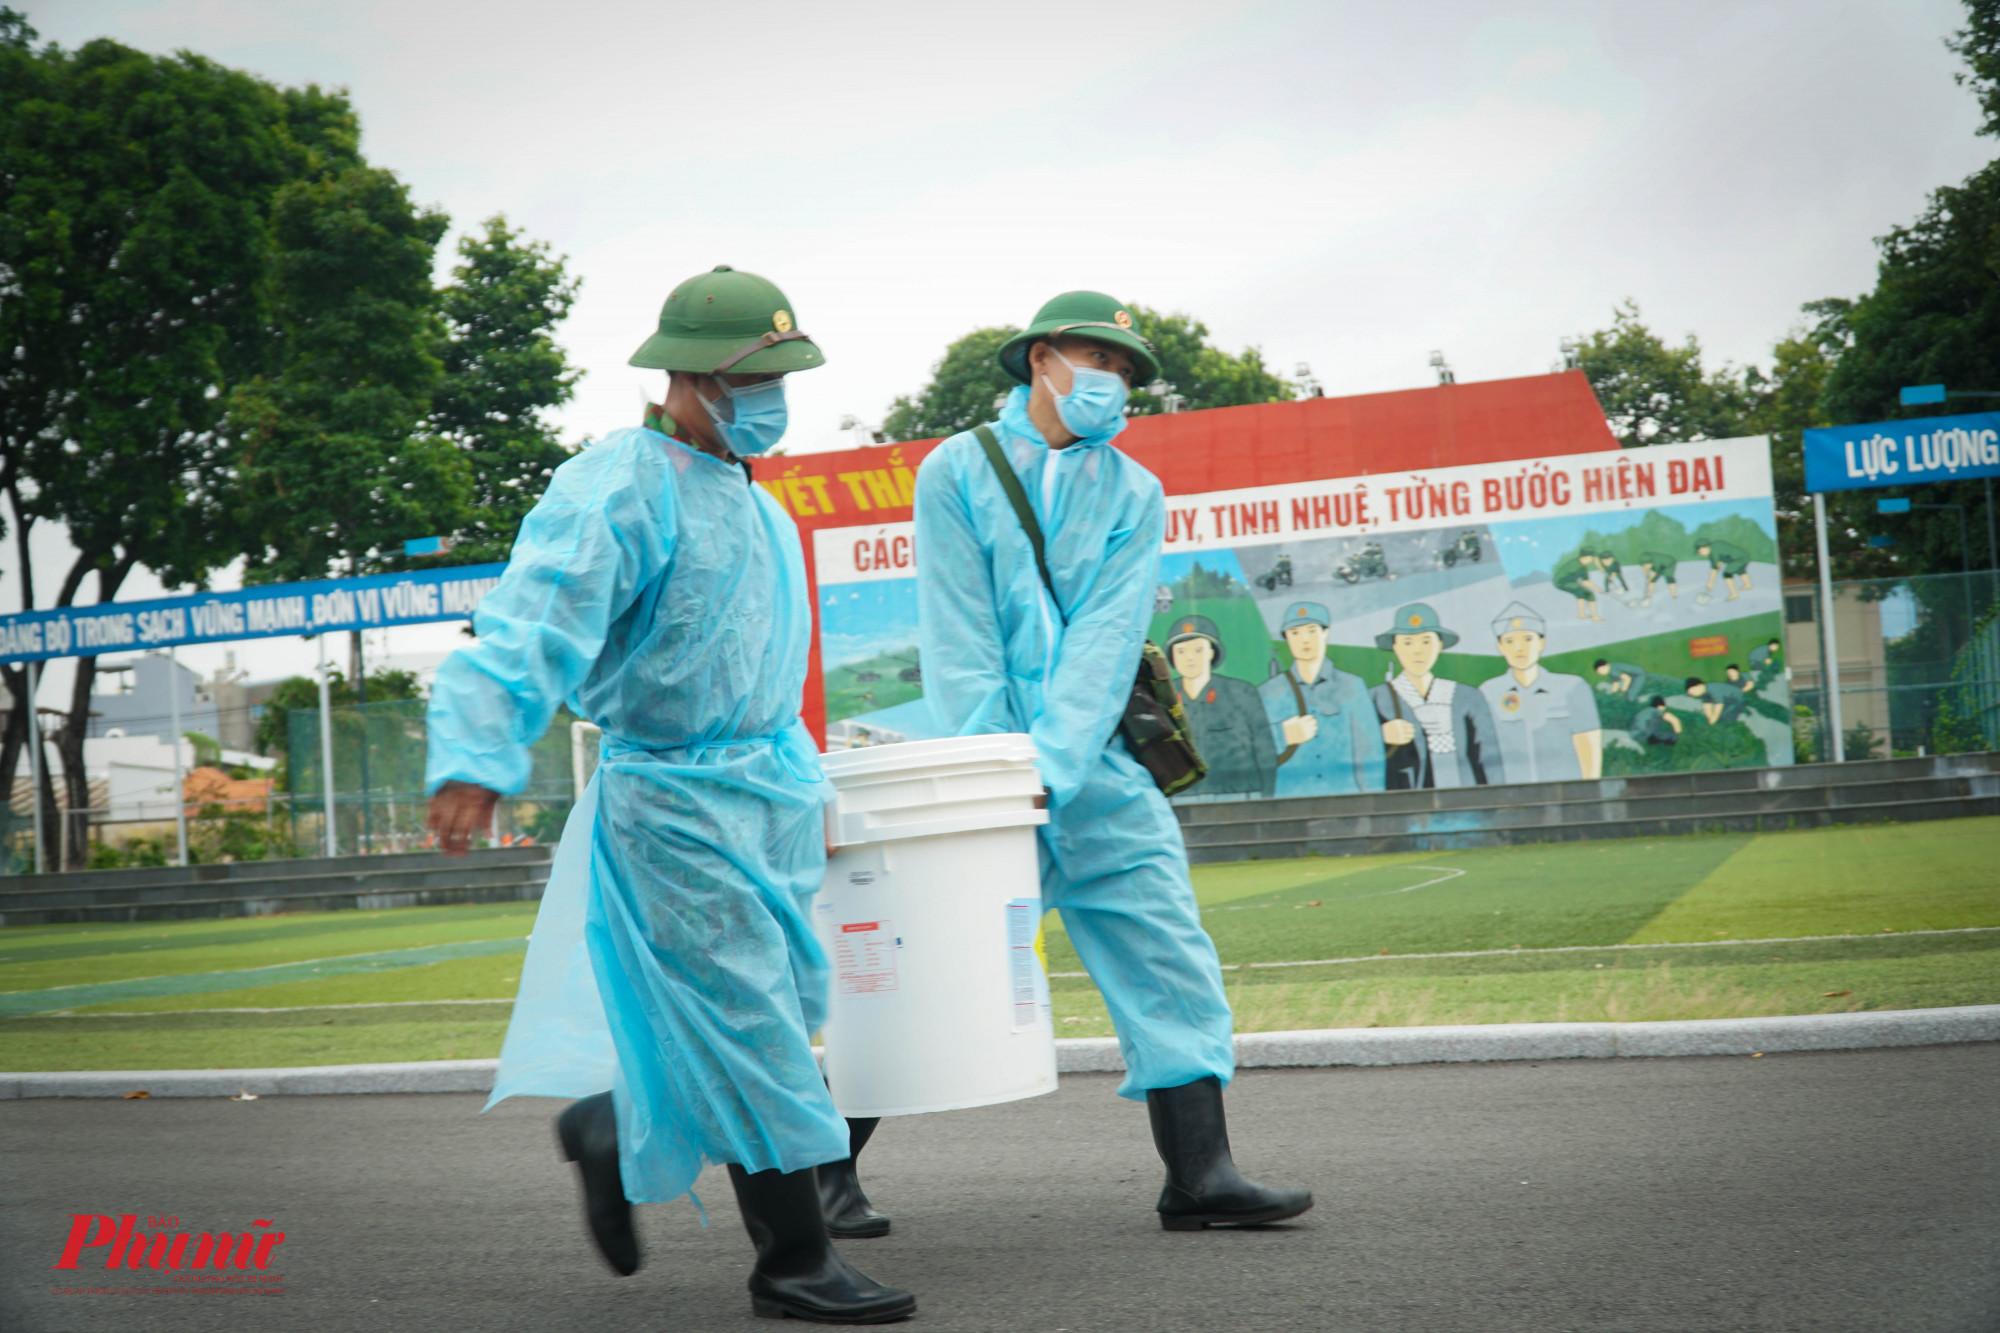 Nguyên liệu phục vụ cho việc tiêu độc, khử khuârn được chuẩn bị